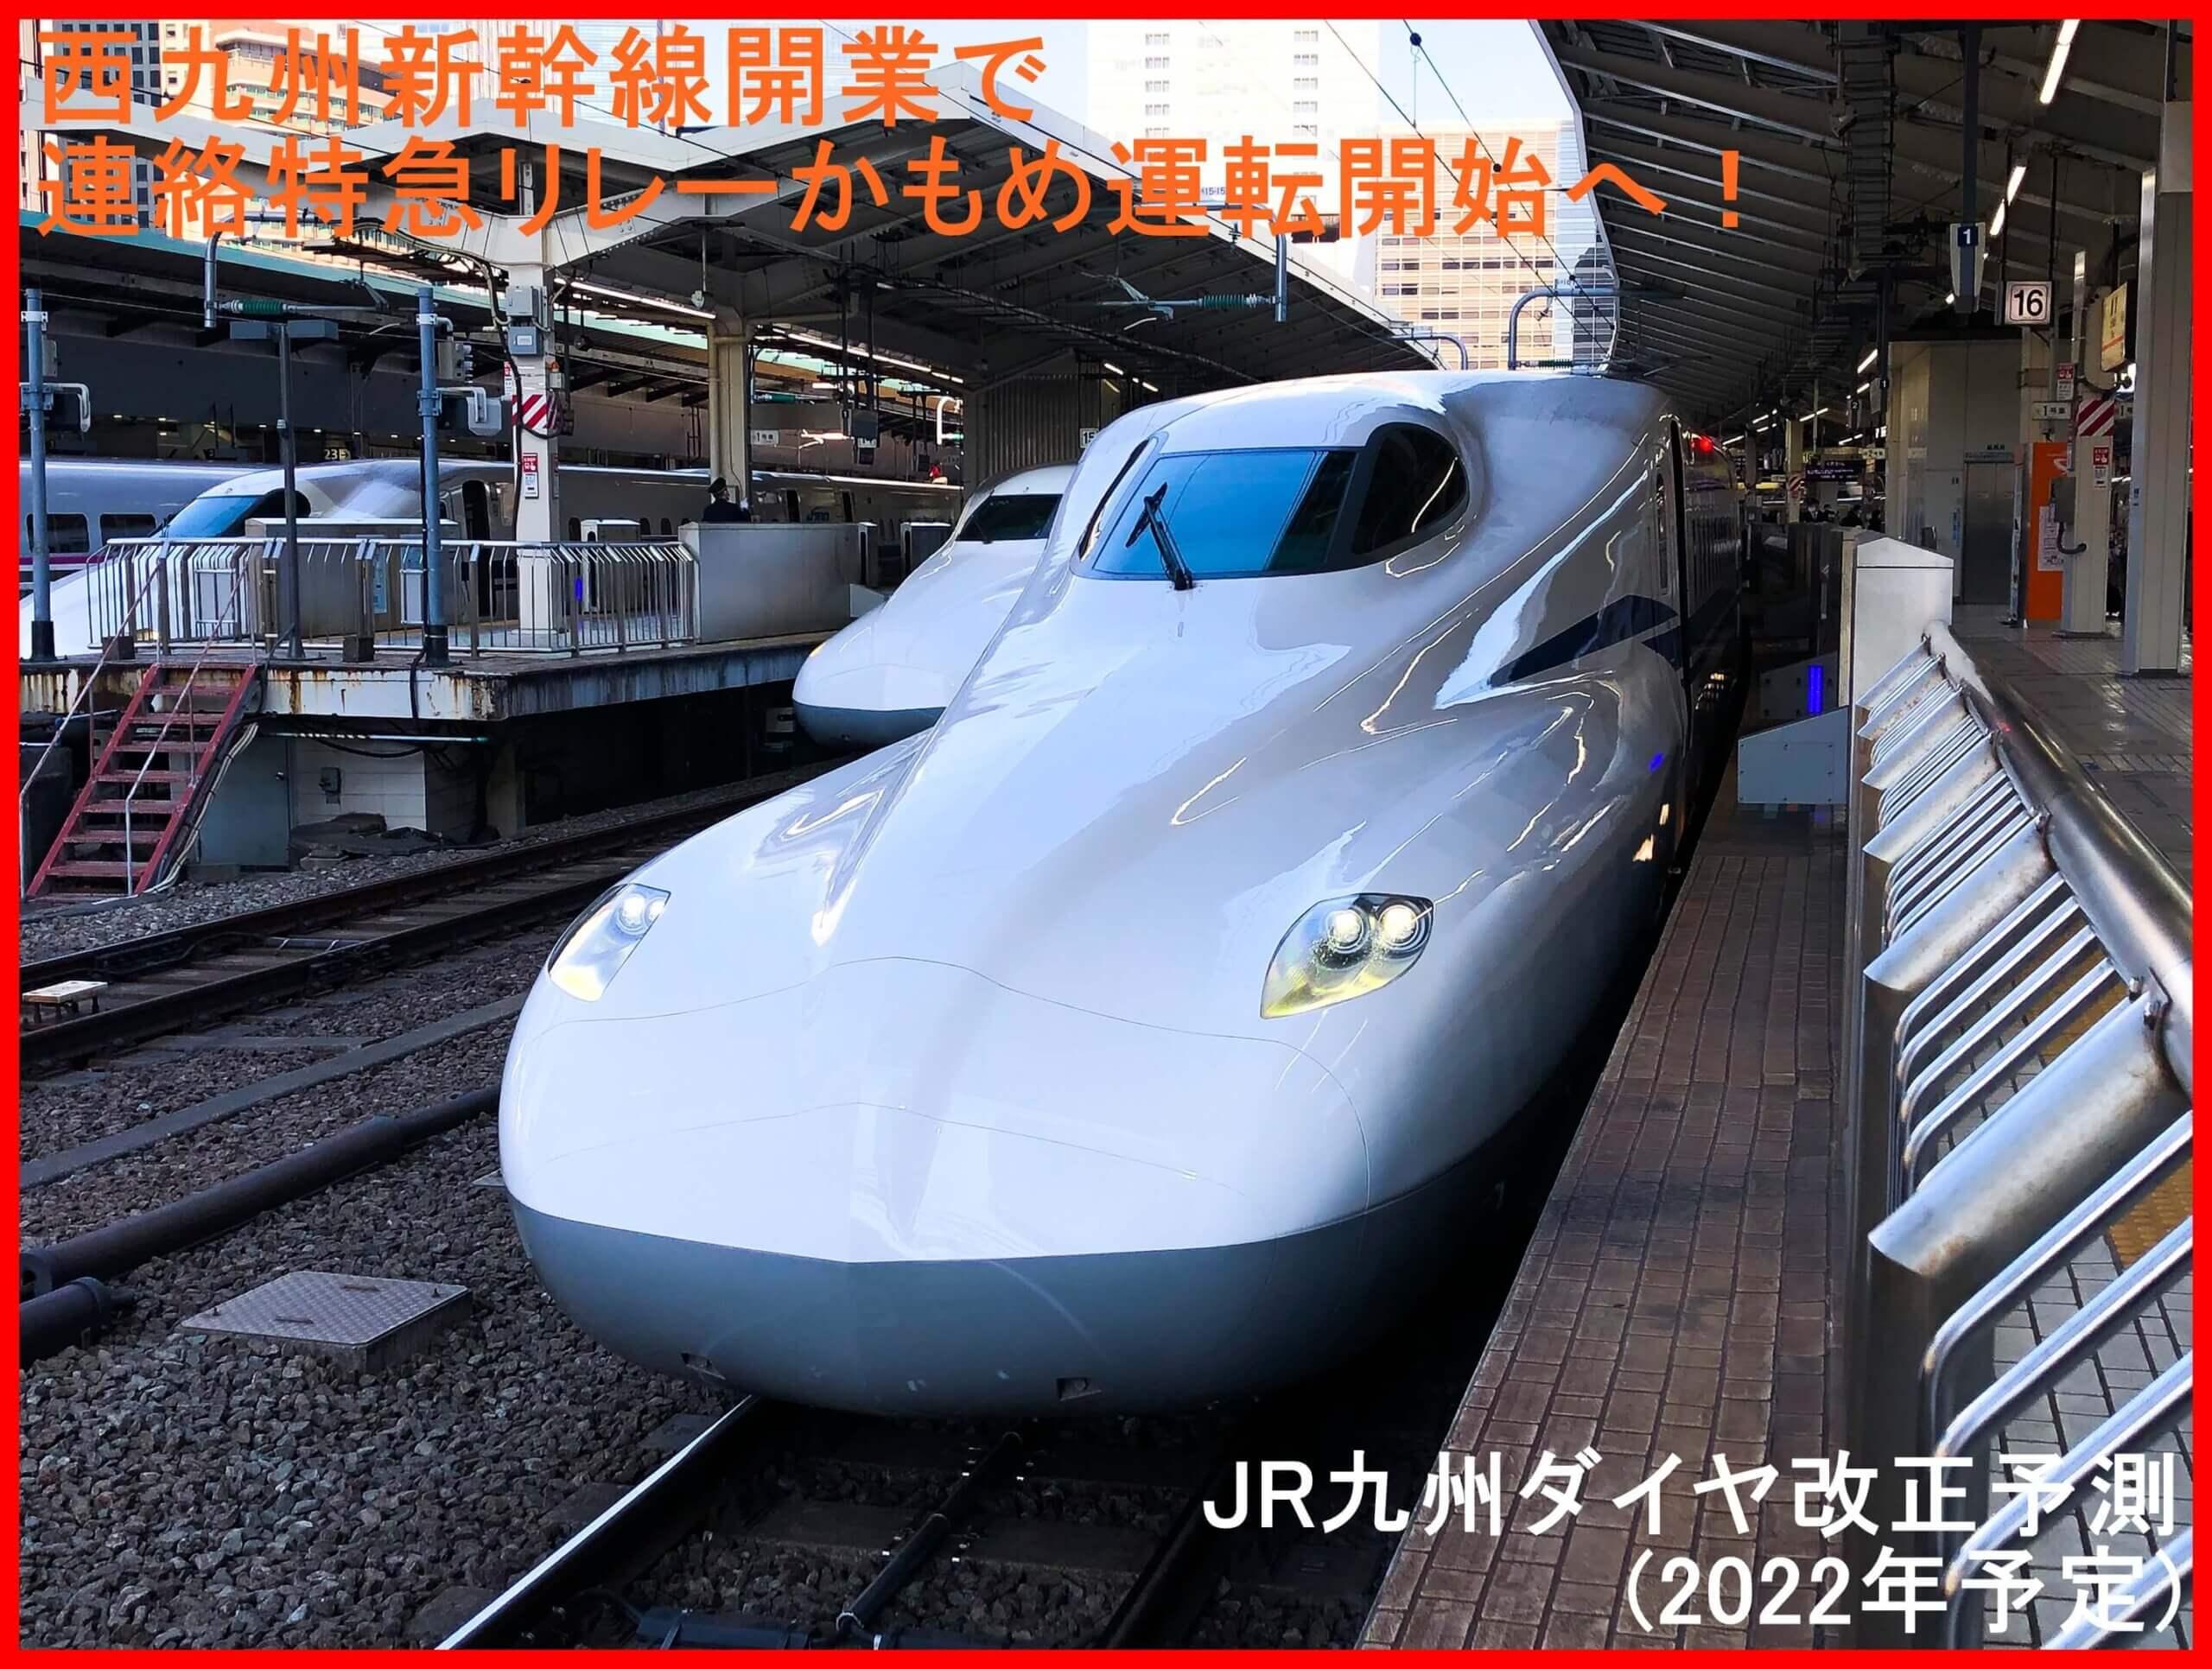 西九州新幹線開業で連絡特急リレーかもめ運転開始へ! JR九州ダイヤ改正予測(2022年予定)